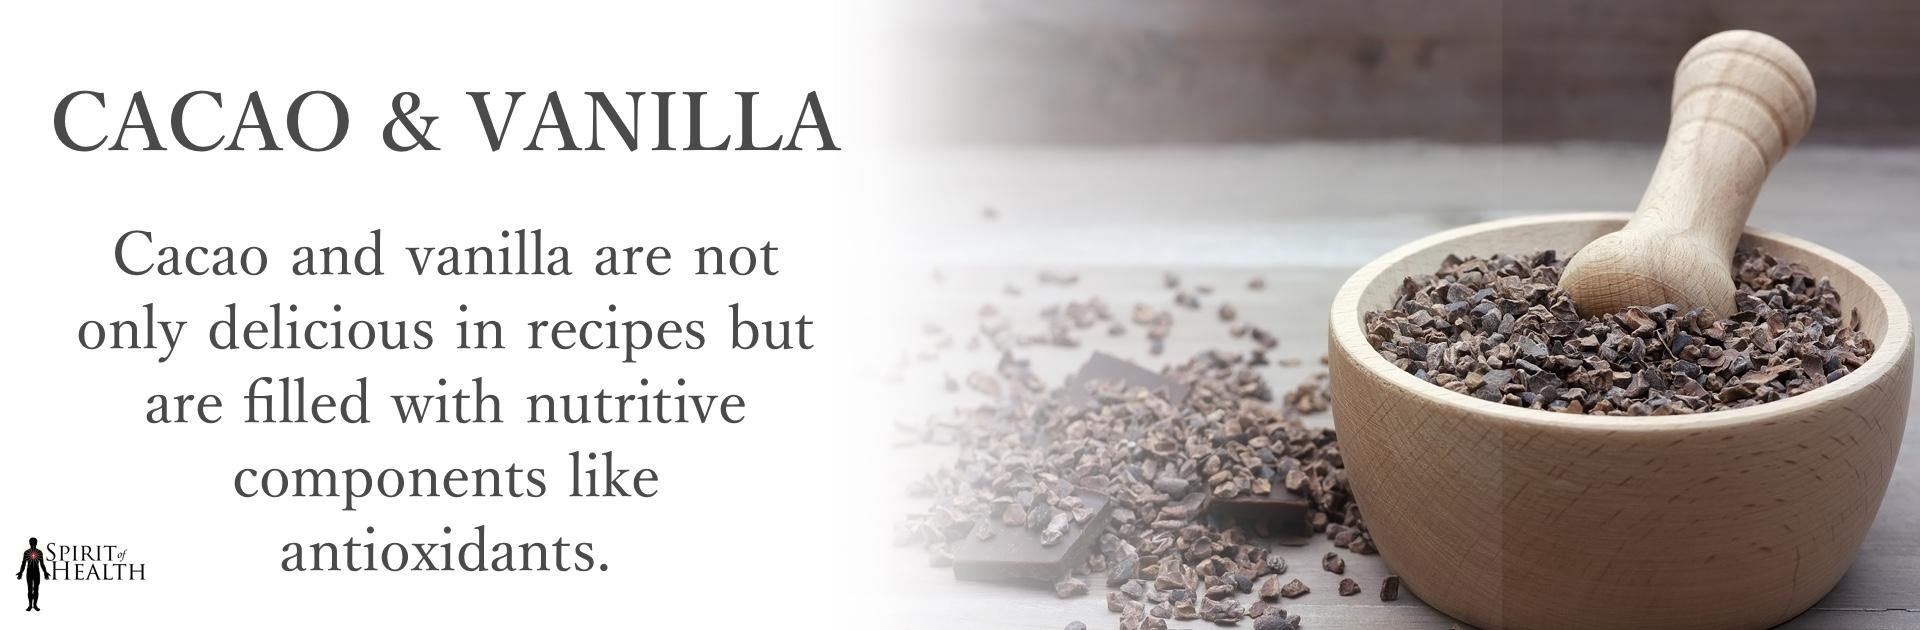 cacao-.jpg